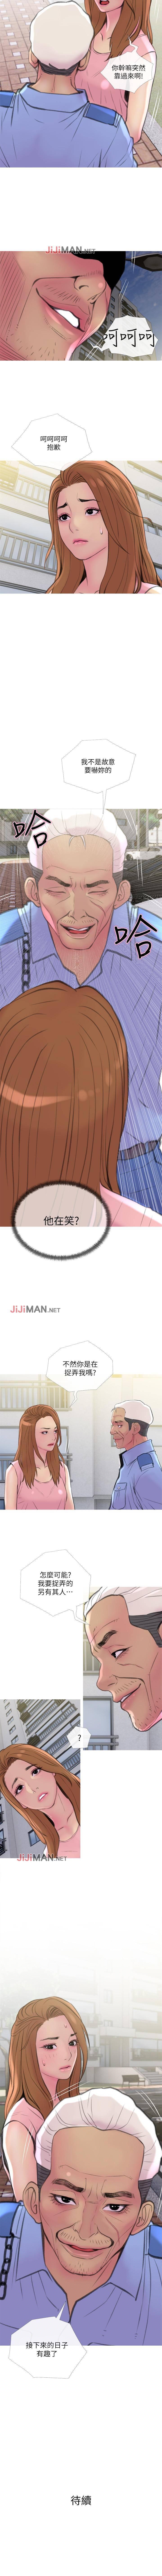 【周五连载】主妇危机(作者:查爾斯&漢水) 第1~26话 63